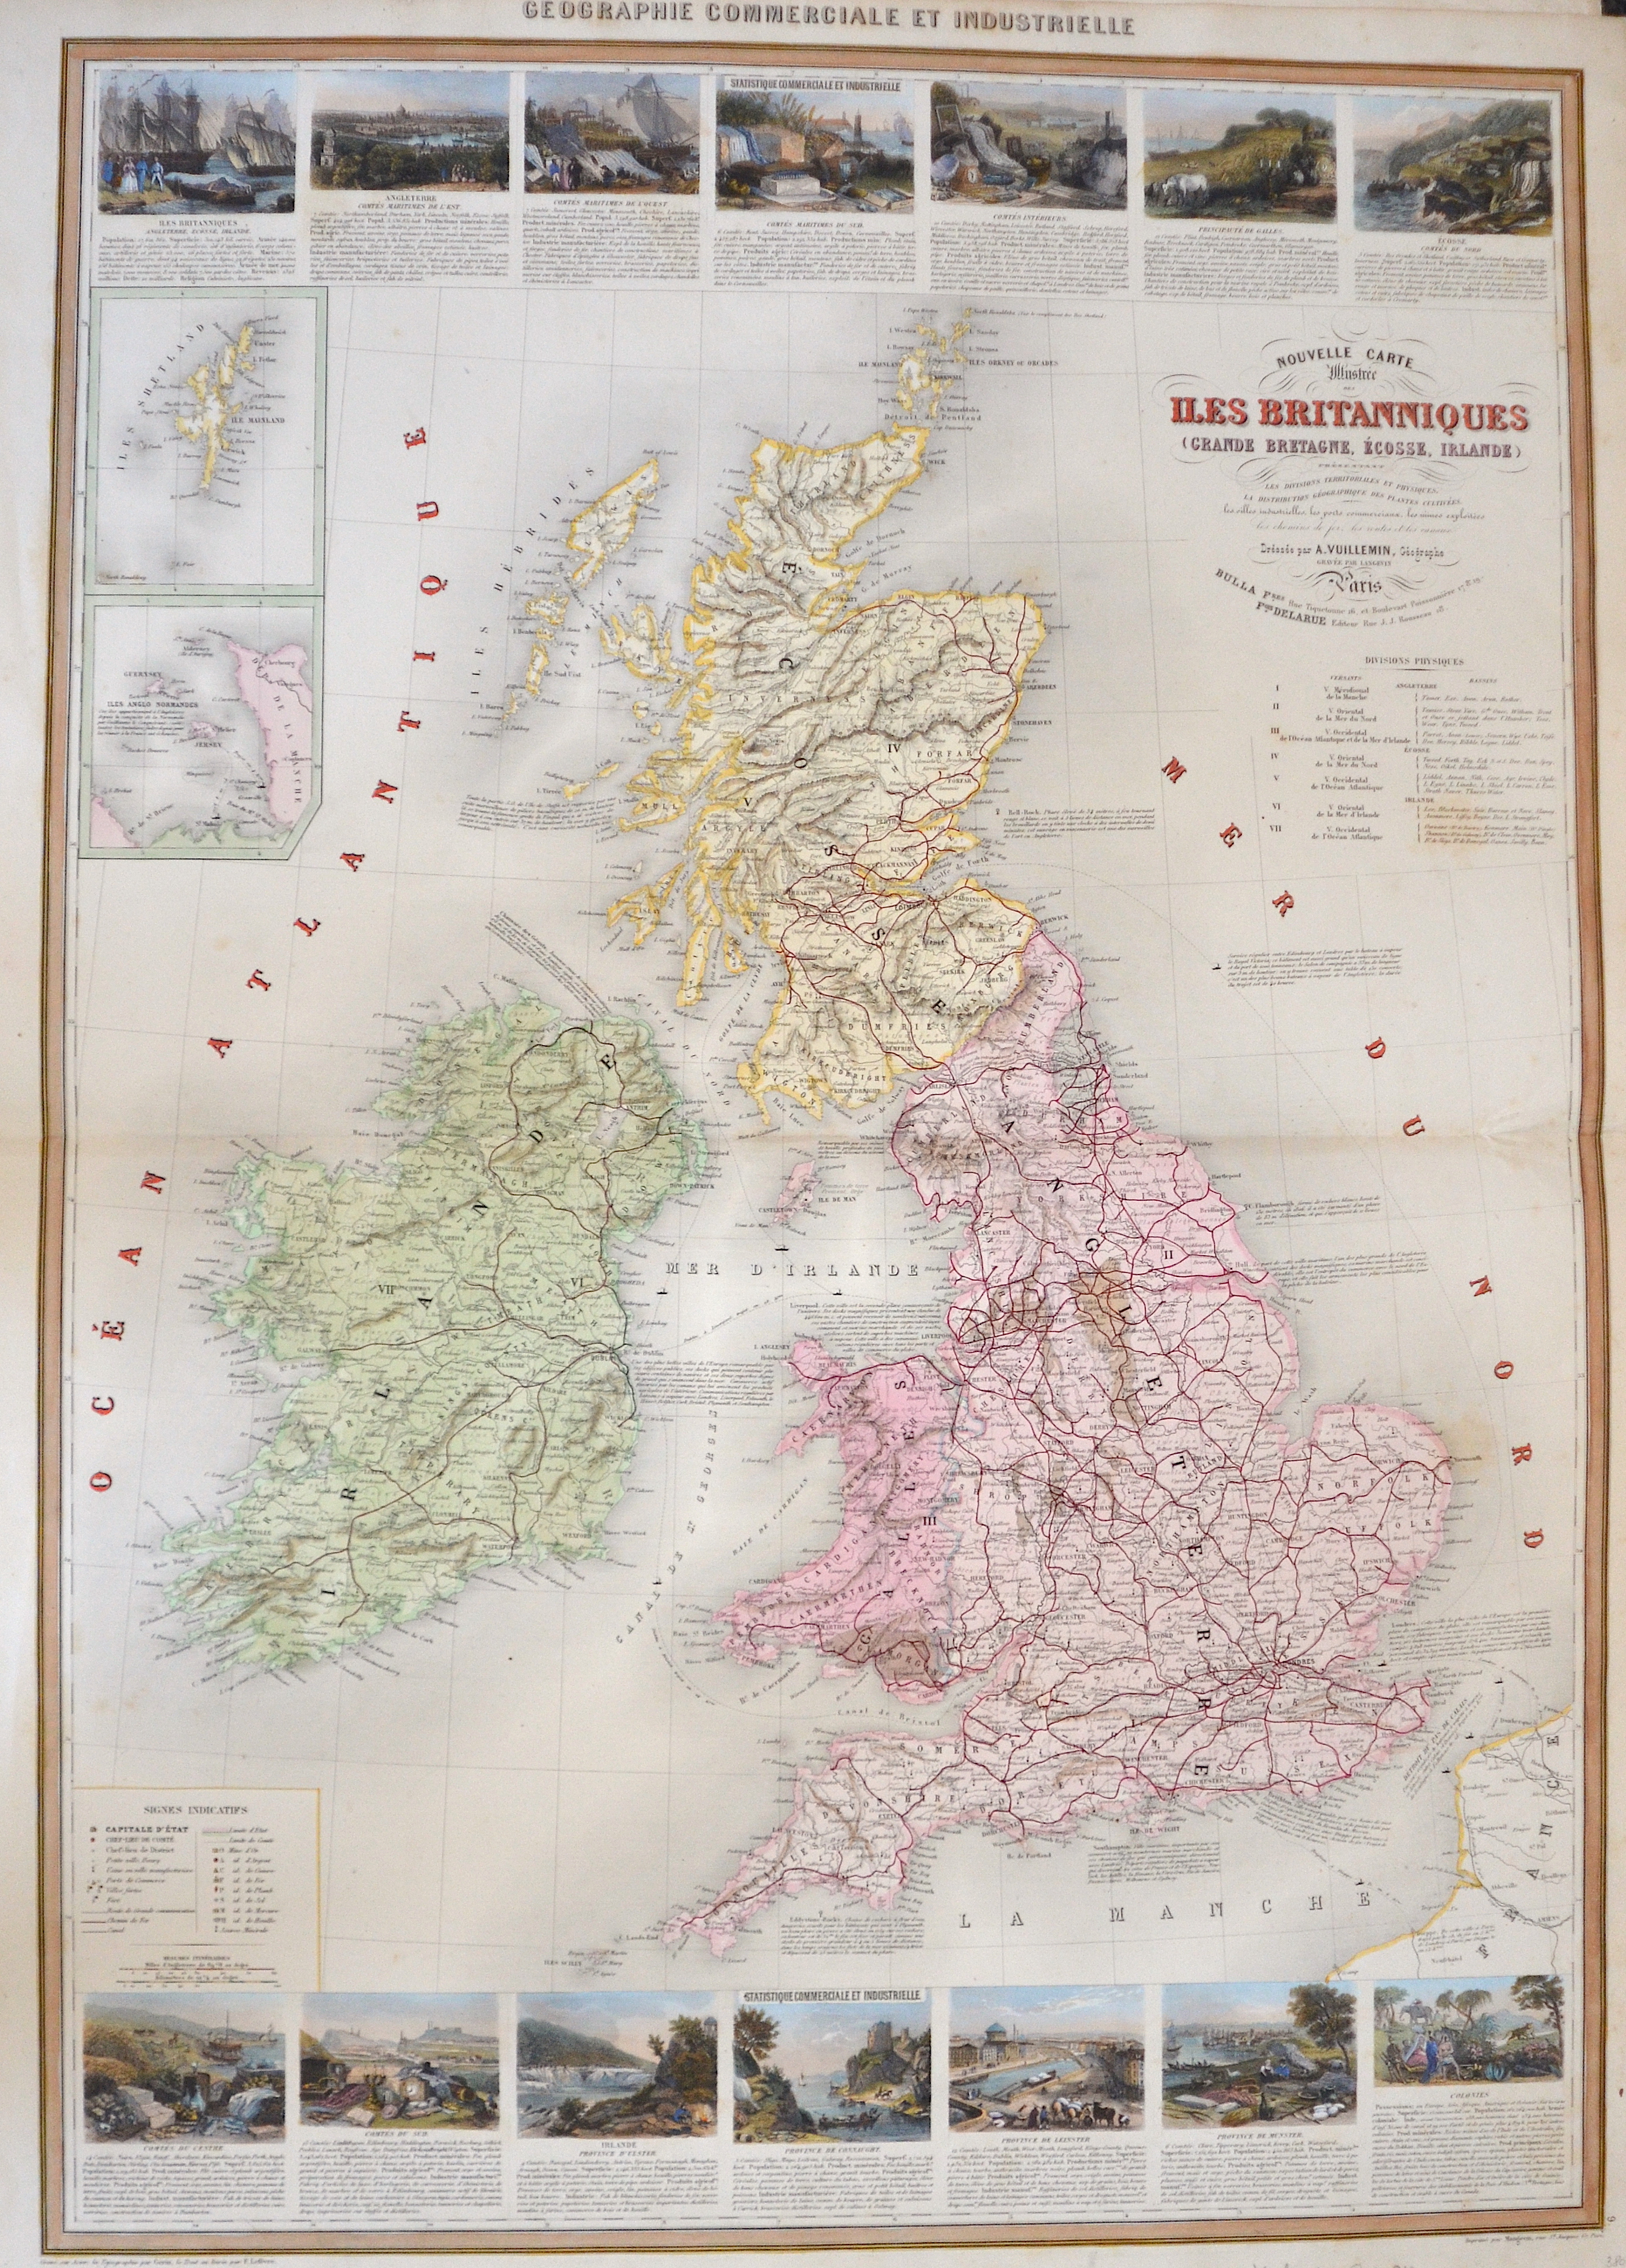 Vuillemin Alexandre Nouvelle Carte Illustree  des Iles Britanniques